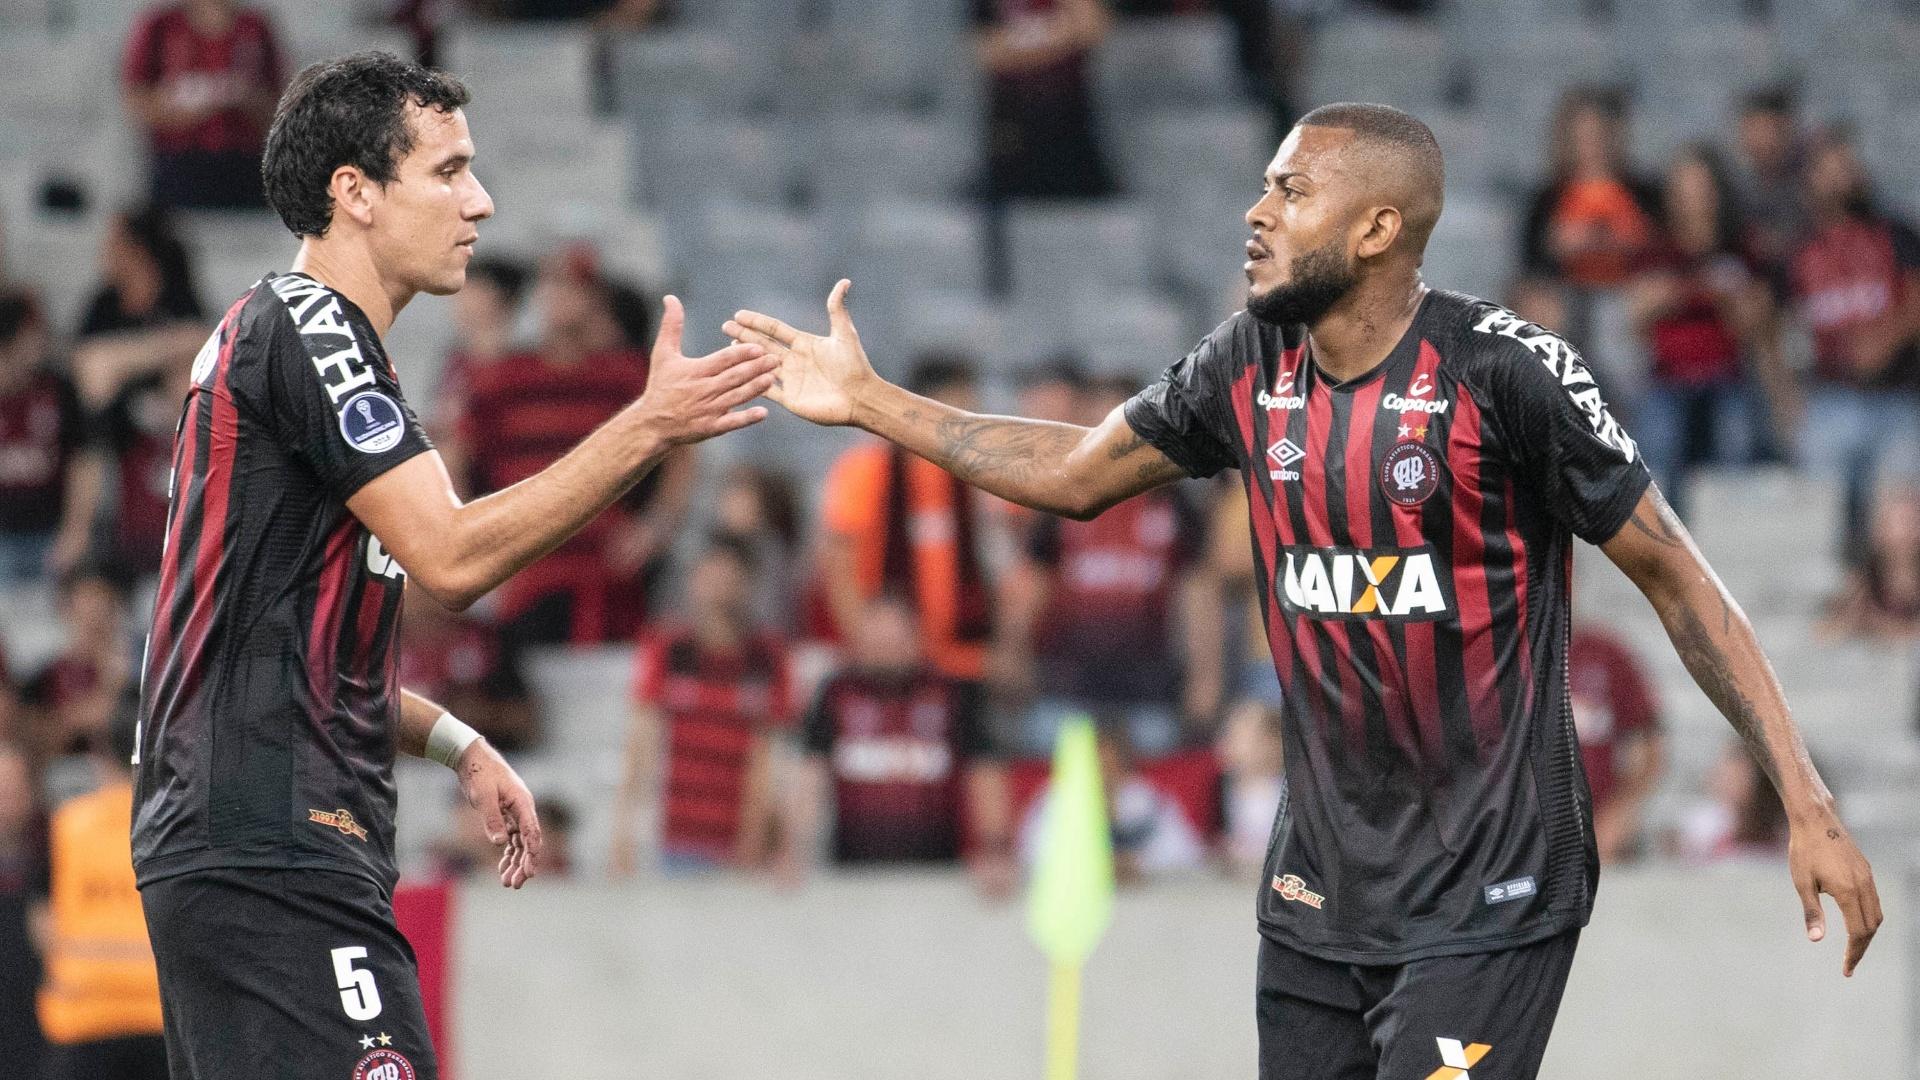 Pablo e Cirino comemoram gol do Atlético-PR contra o Caracas